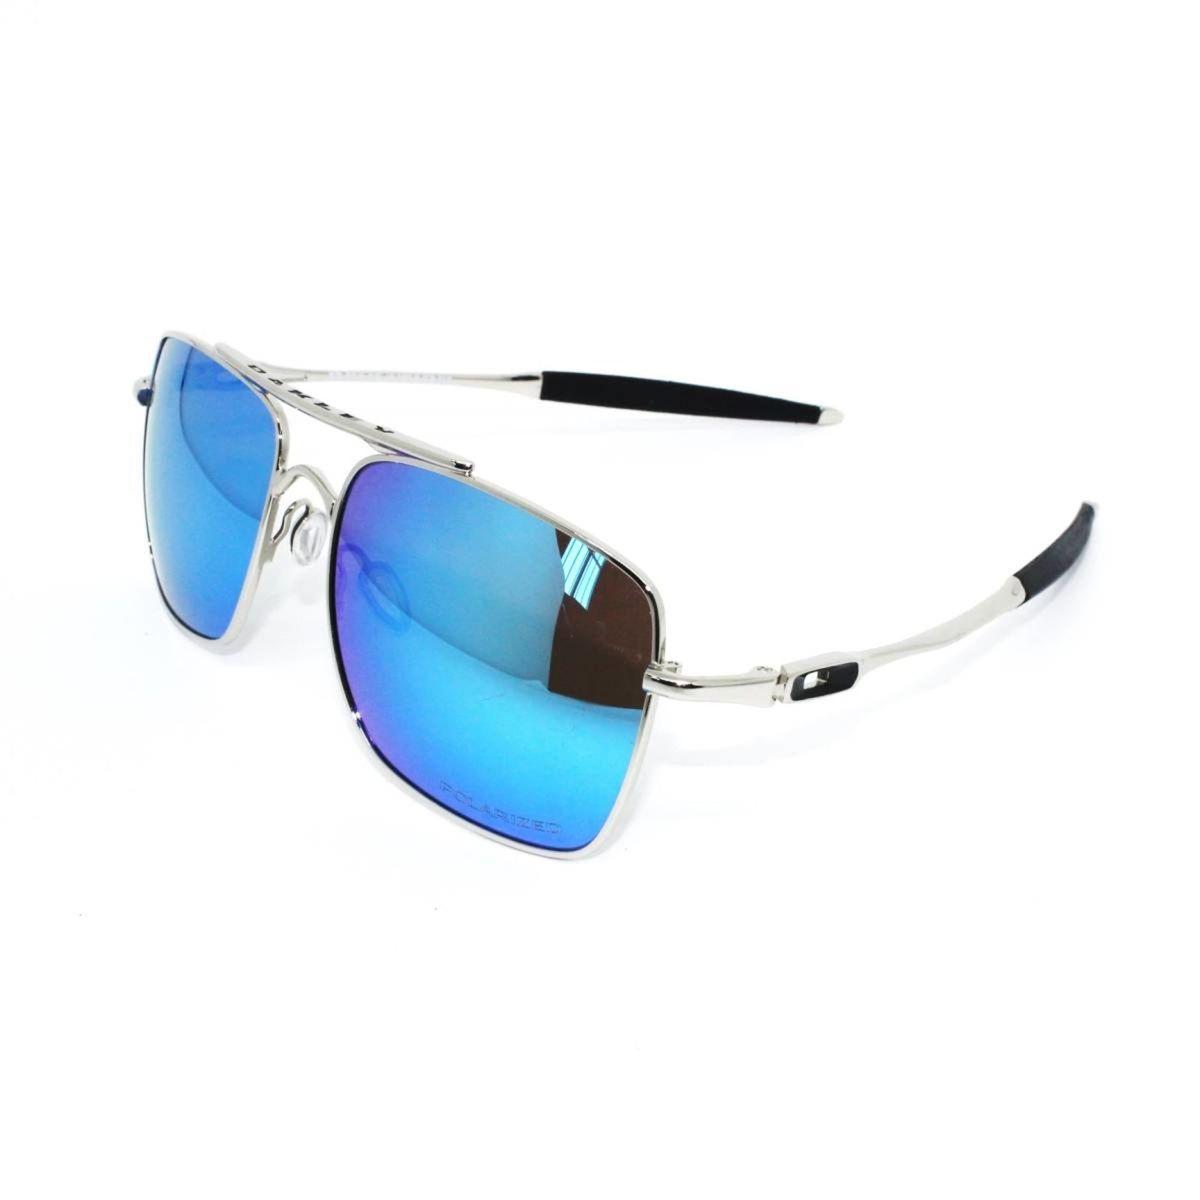 66aeea42b88f1 Óculos Oakley Deviation 100% Polarizado Promoção!!!